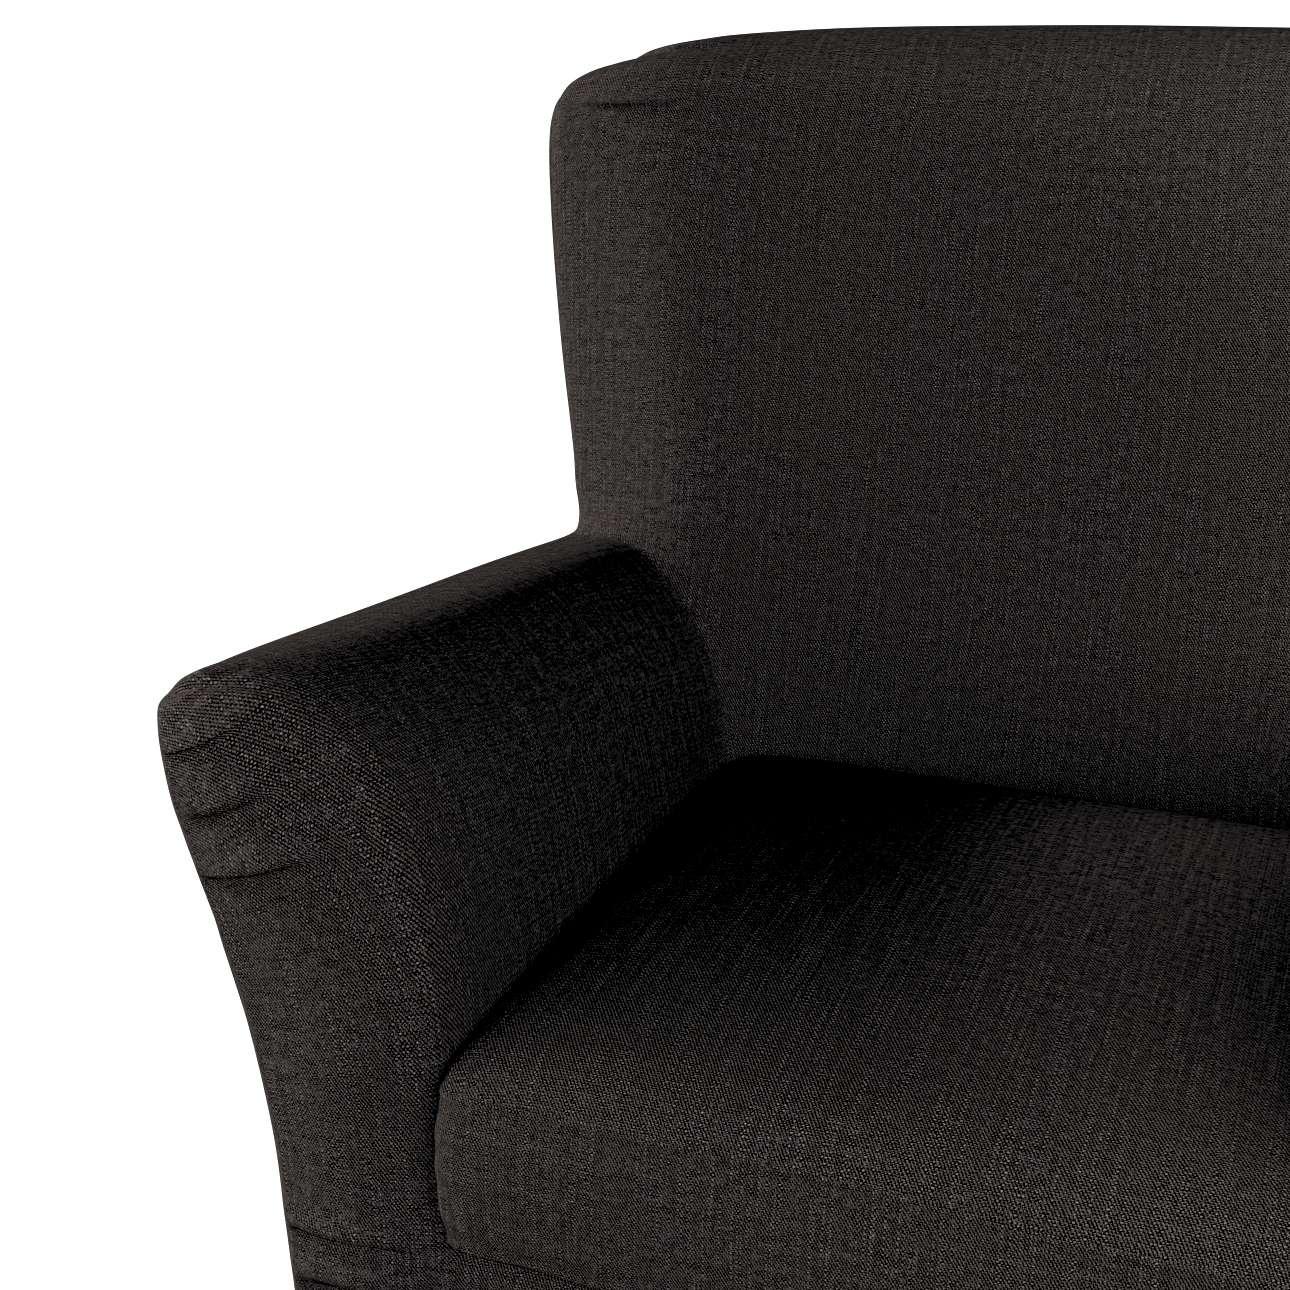 Pokrowiec na fotel Tomelilla z zakładkami w kolekcji Etna, tkanina: 702-36